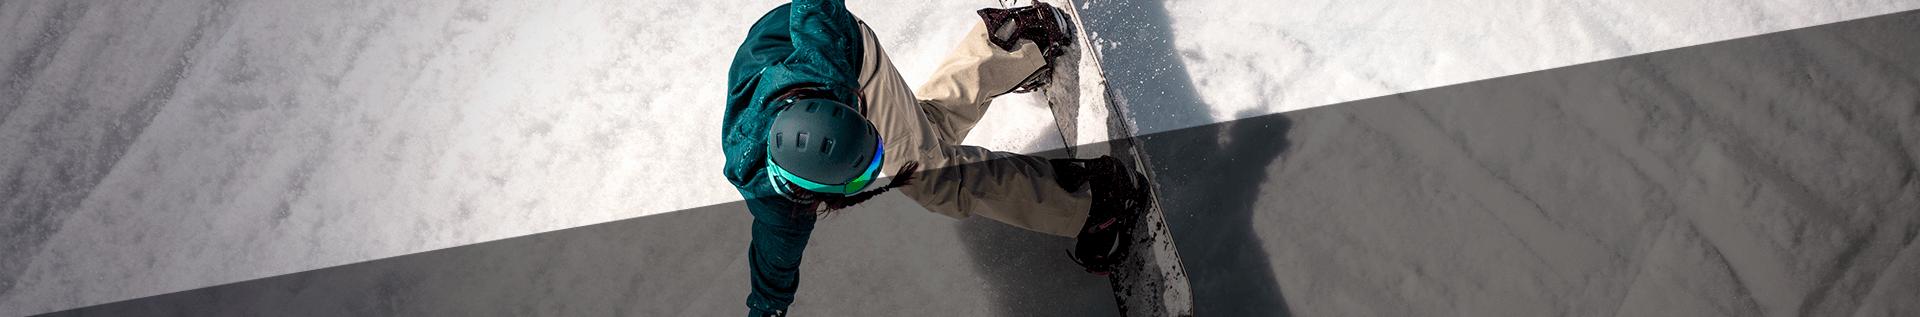 Дитячий одяг для сноубордингу